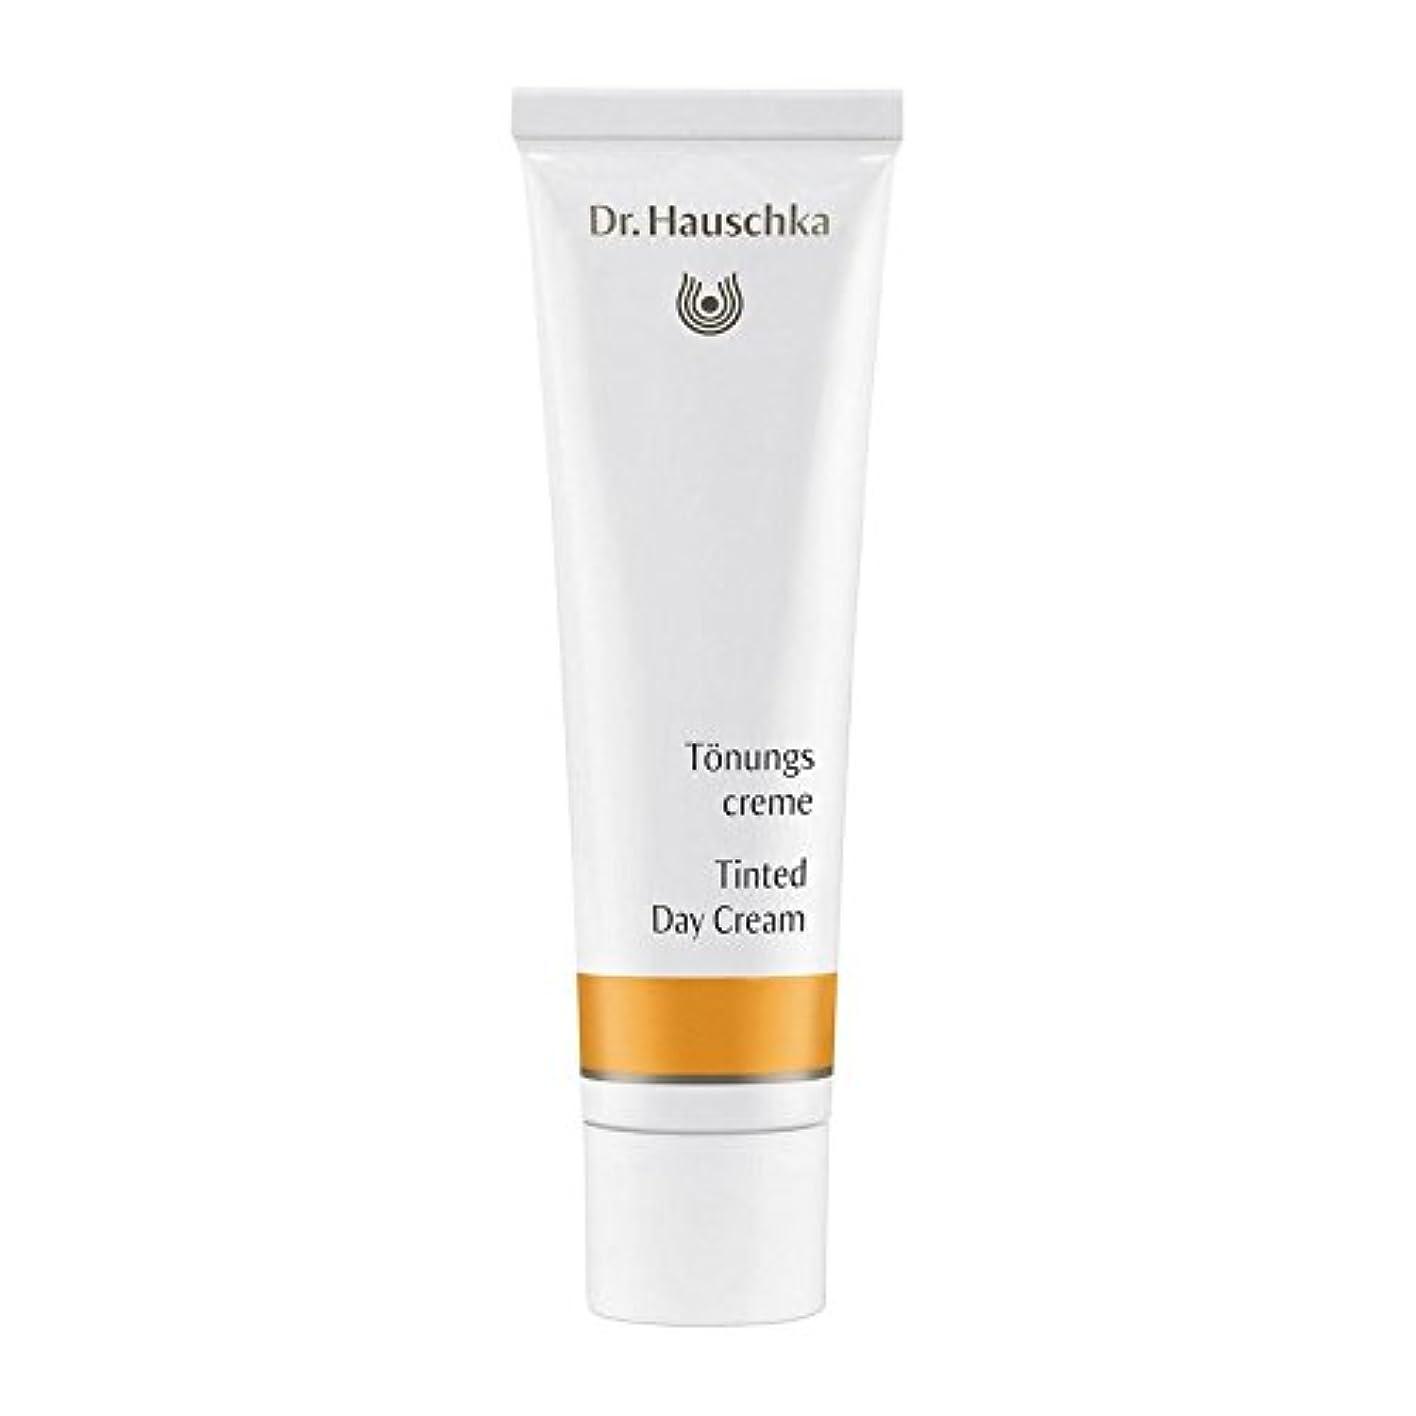 ショートカット栄光の敵対的Dr. Hauschka Tinted Day Cream 30ml - ハウシュカ着色デイクリーム30 [並行輸入品]